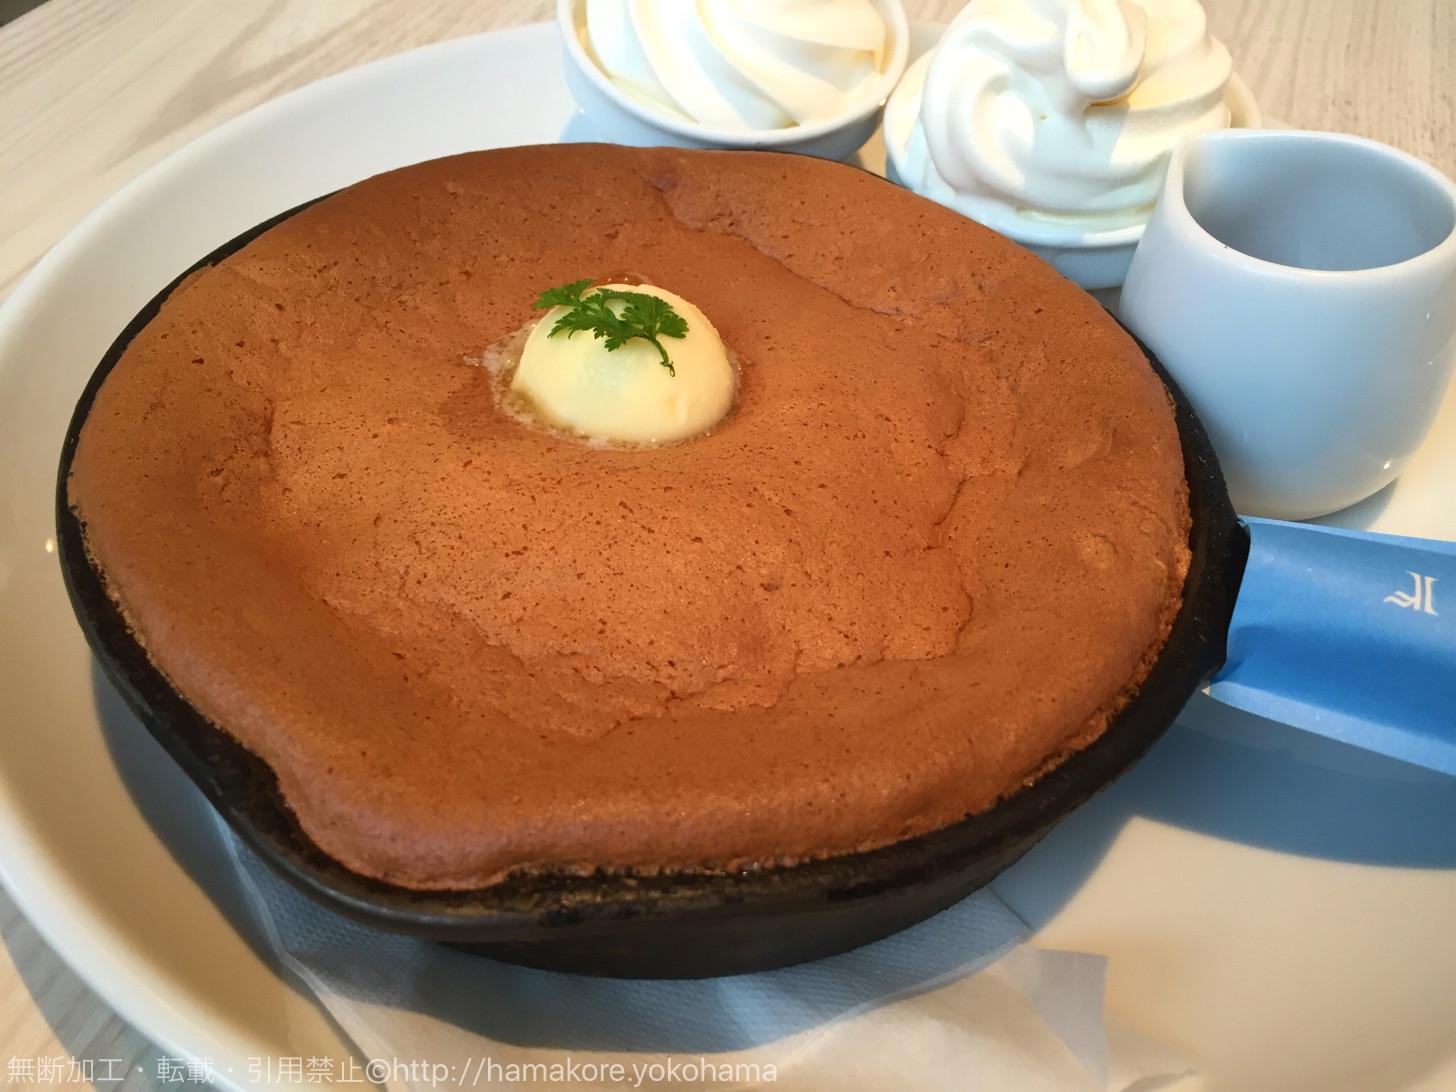 窯出しスフレパンケーキ